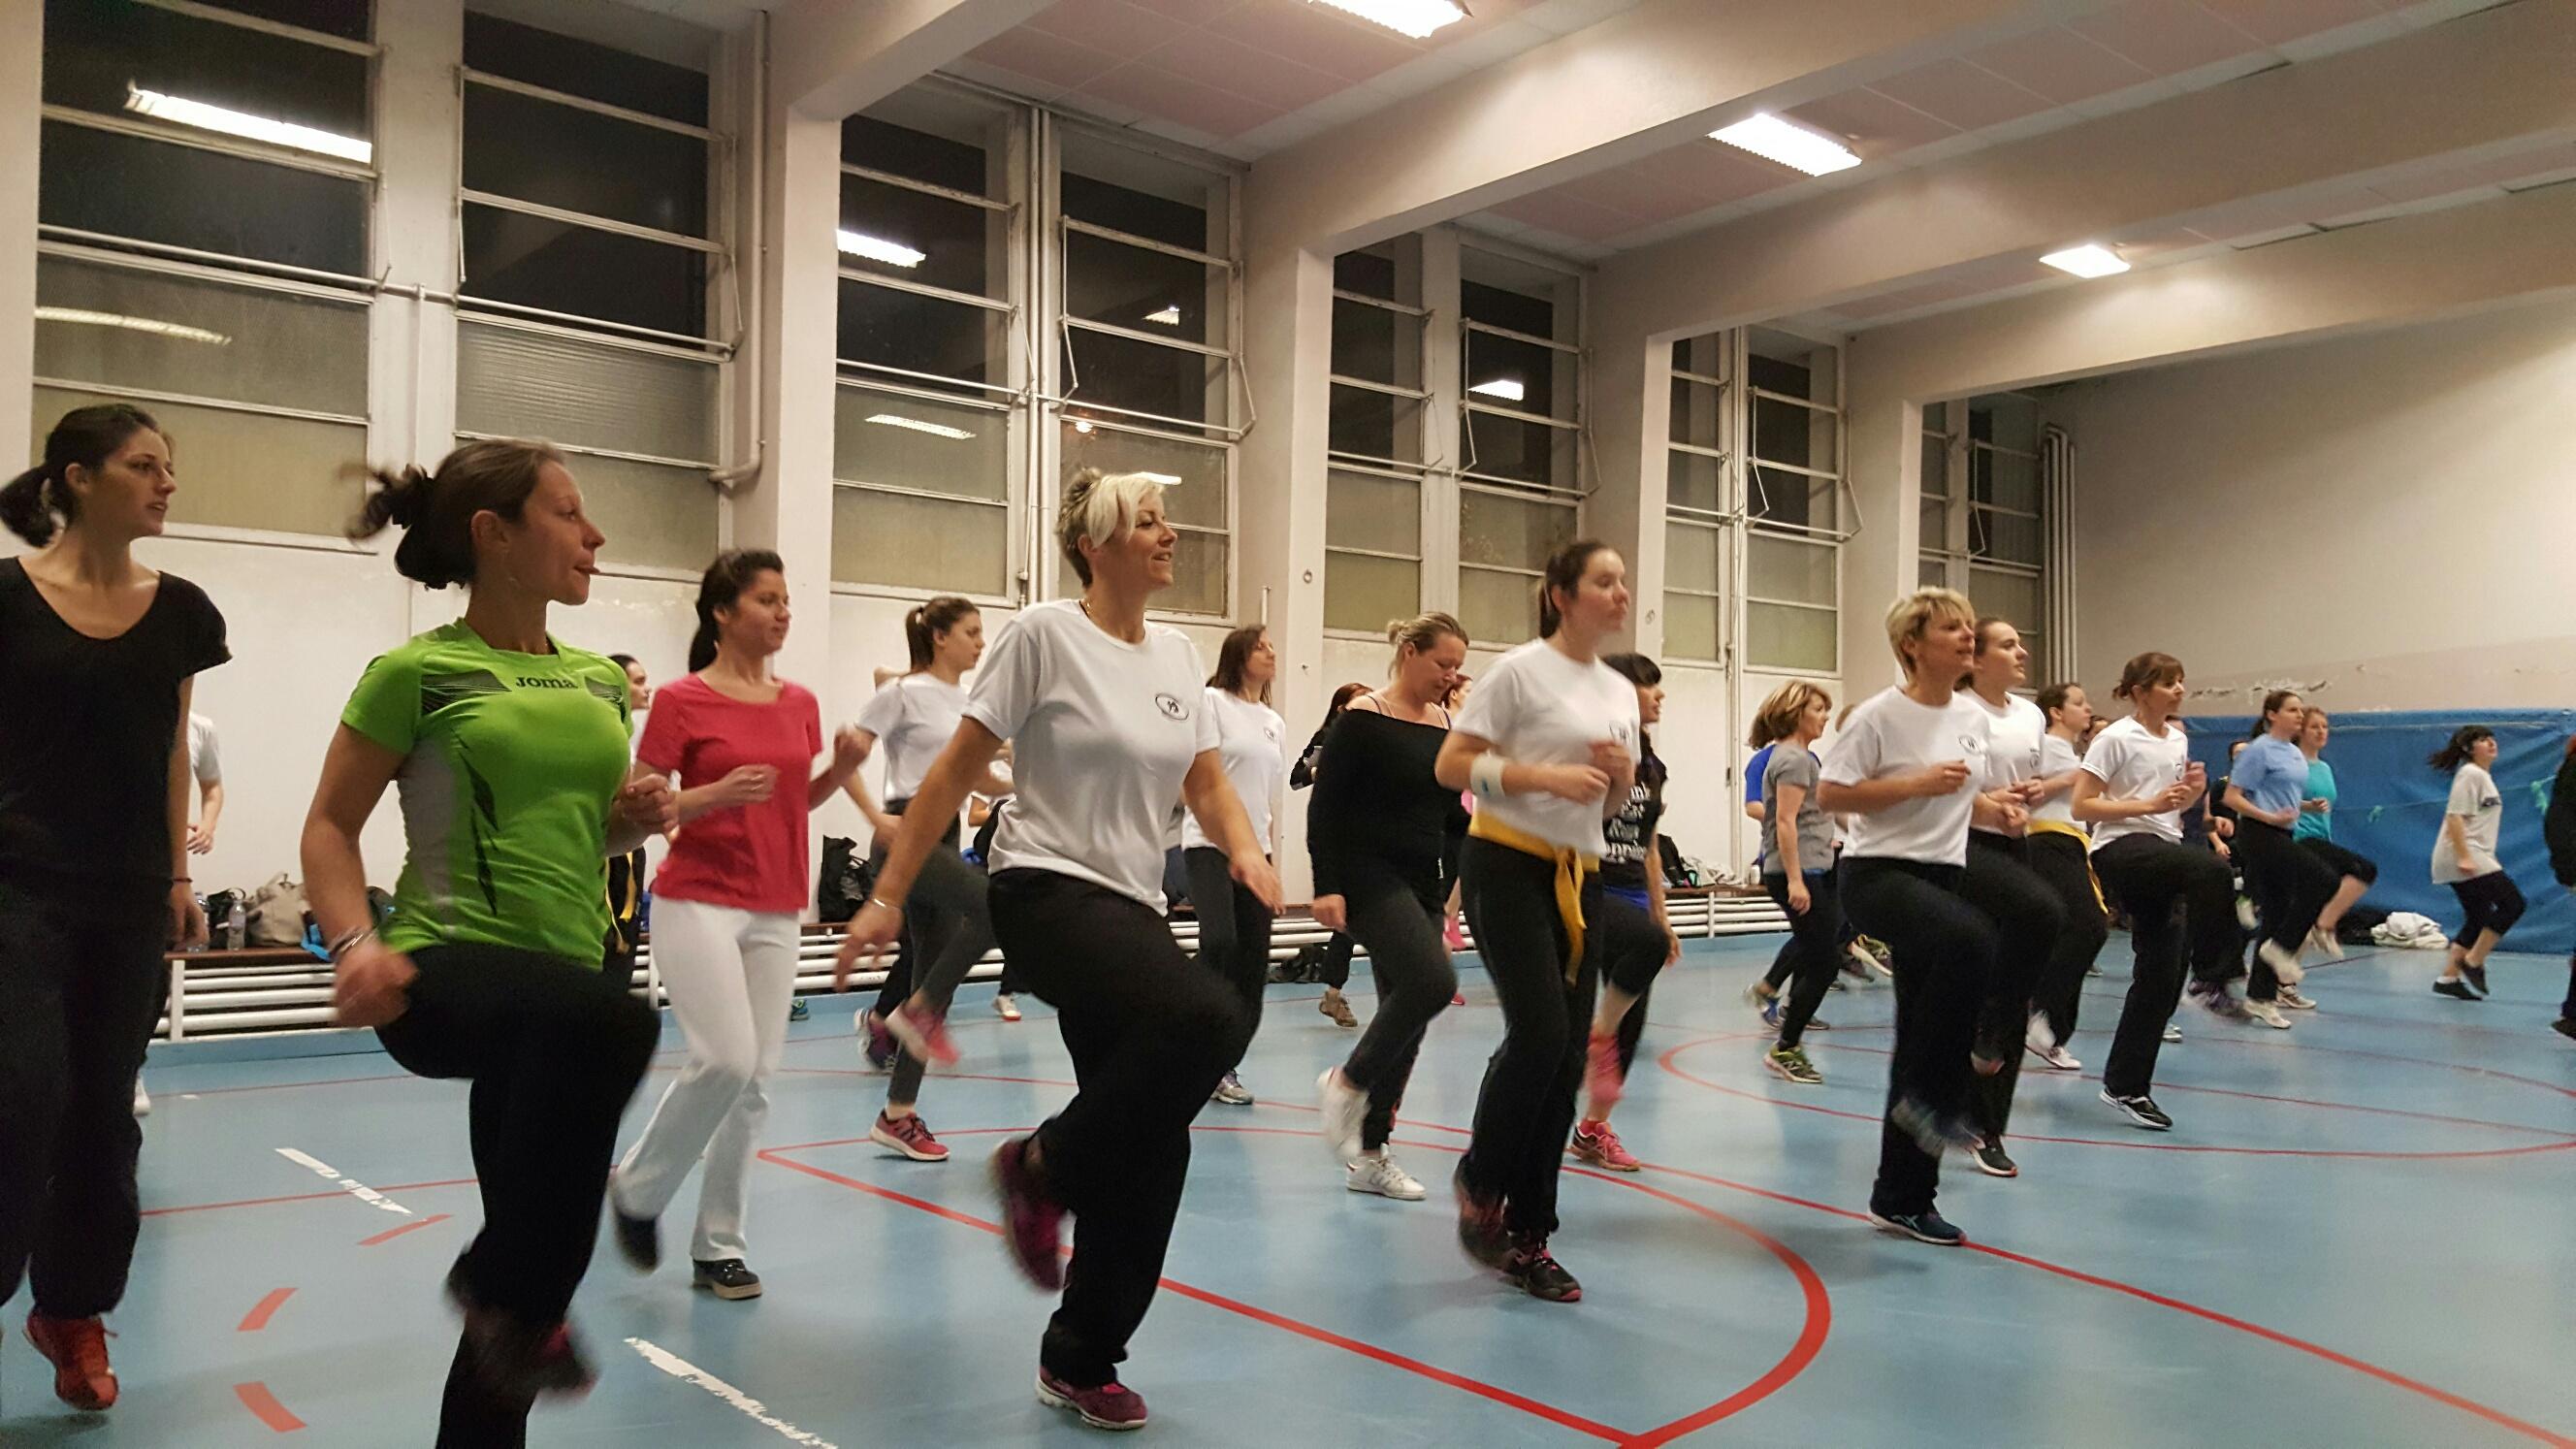 Un cours d'initiation au Krav Maga à l'occasion de la journée de la femme